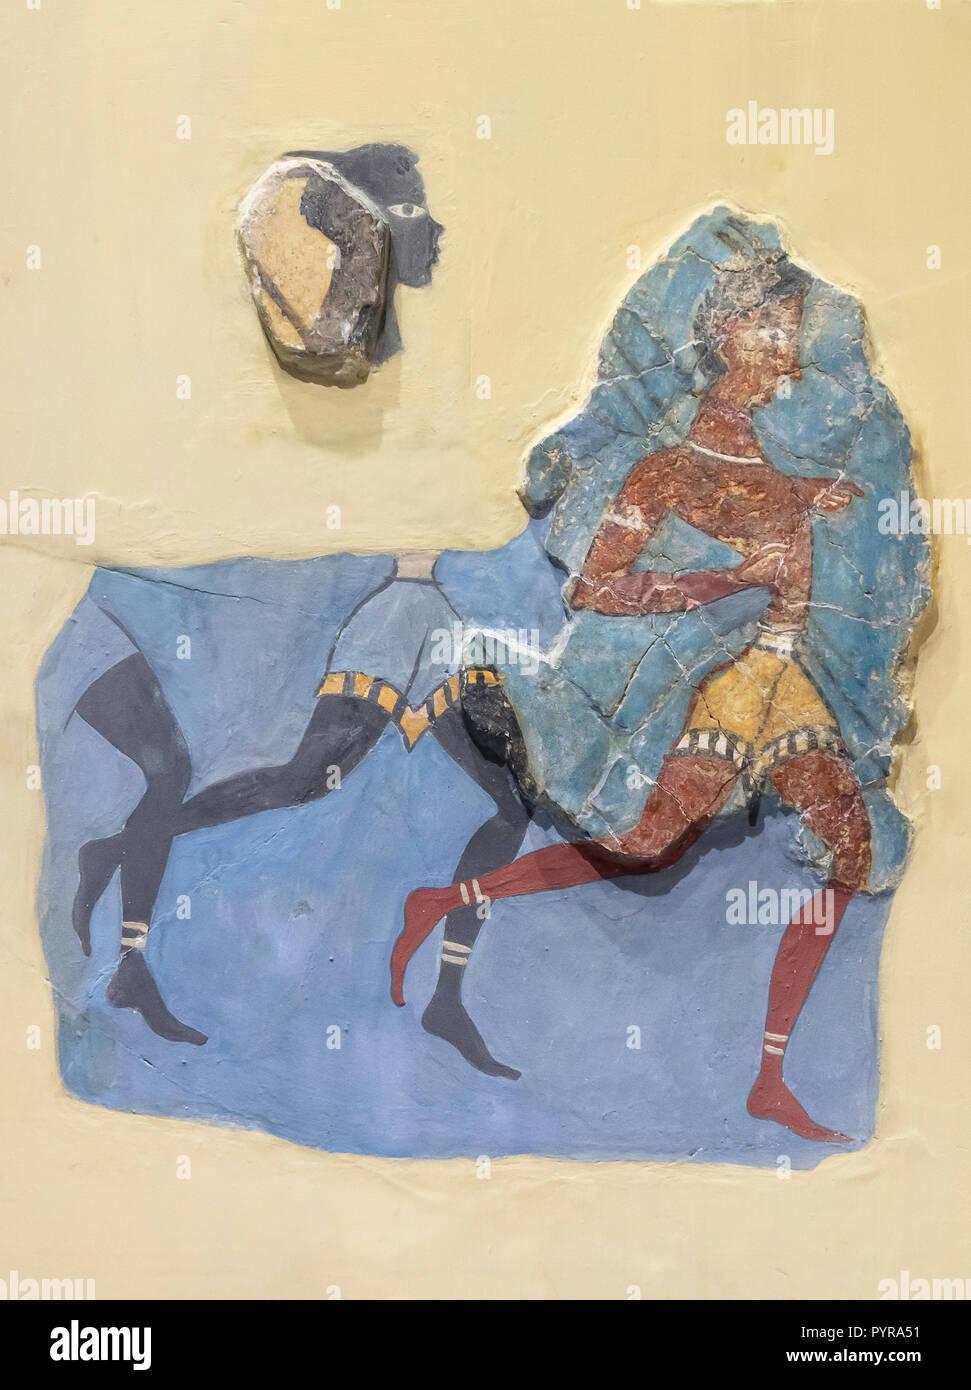 """Fragmentos de """"El capitán de los negros' fresco (1350-1300 a.C.), el Museo Arqueológico de Heraklion Heraklion (Irakleio), región Irakleio, Creta (Creta), Imagen De Stock"""